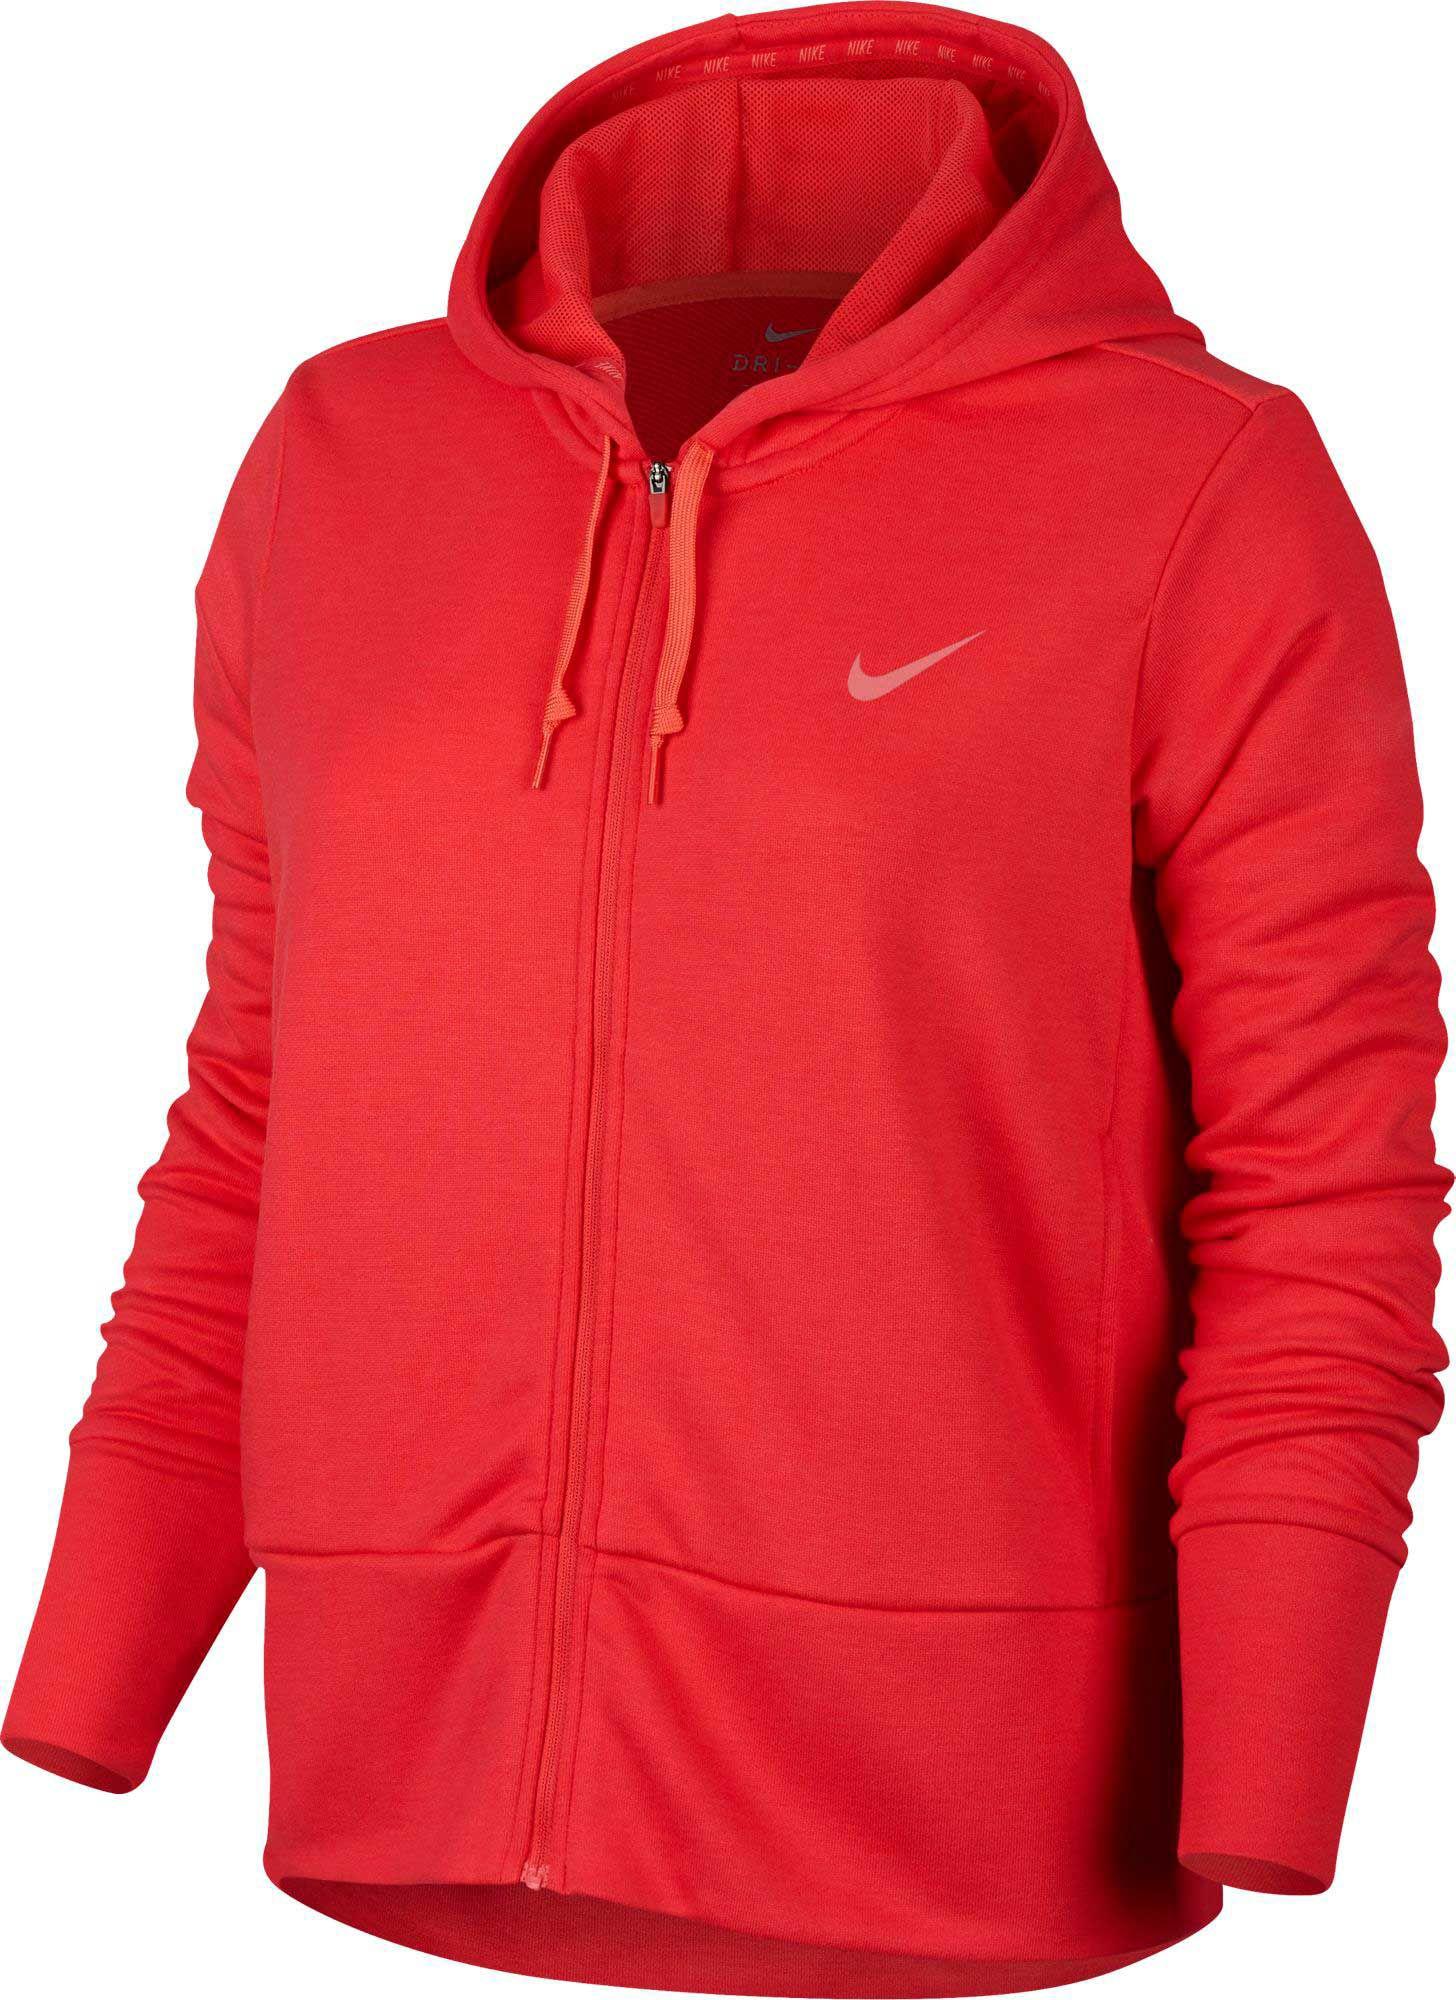 Nike Hoodies Colors